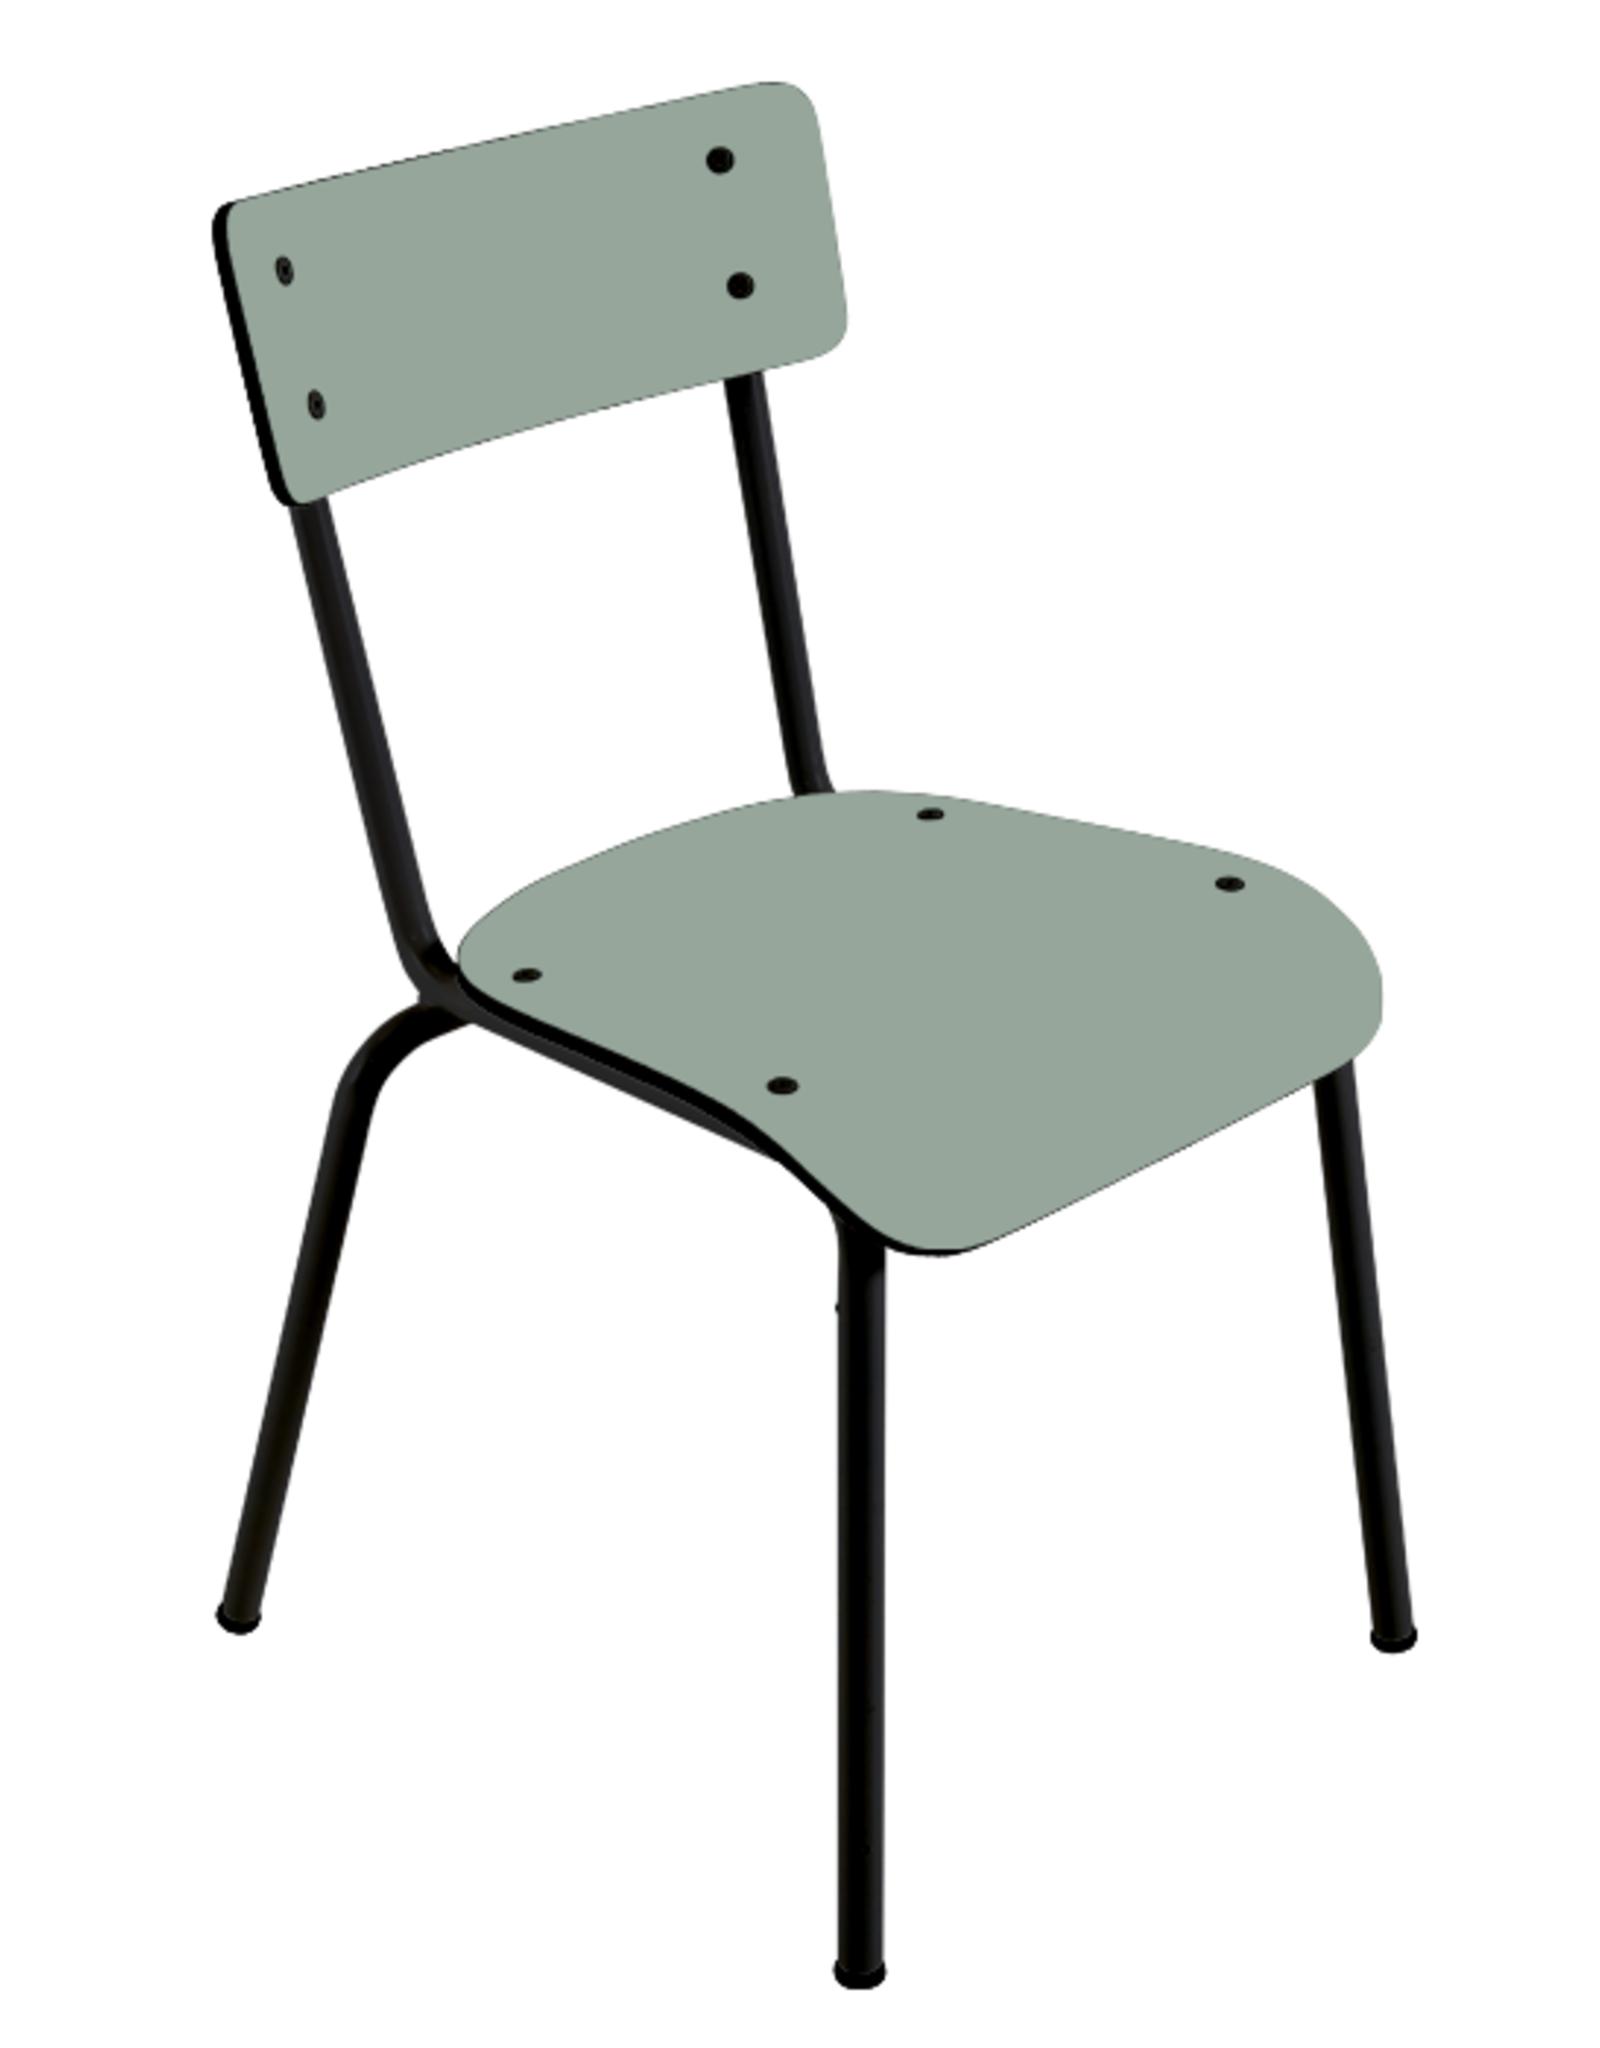 les Gambettes Les Gambettes Suzie Chair Plain color